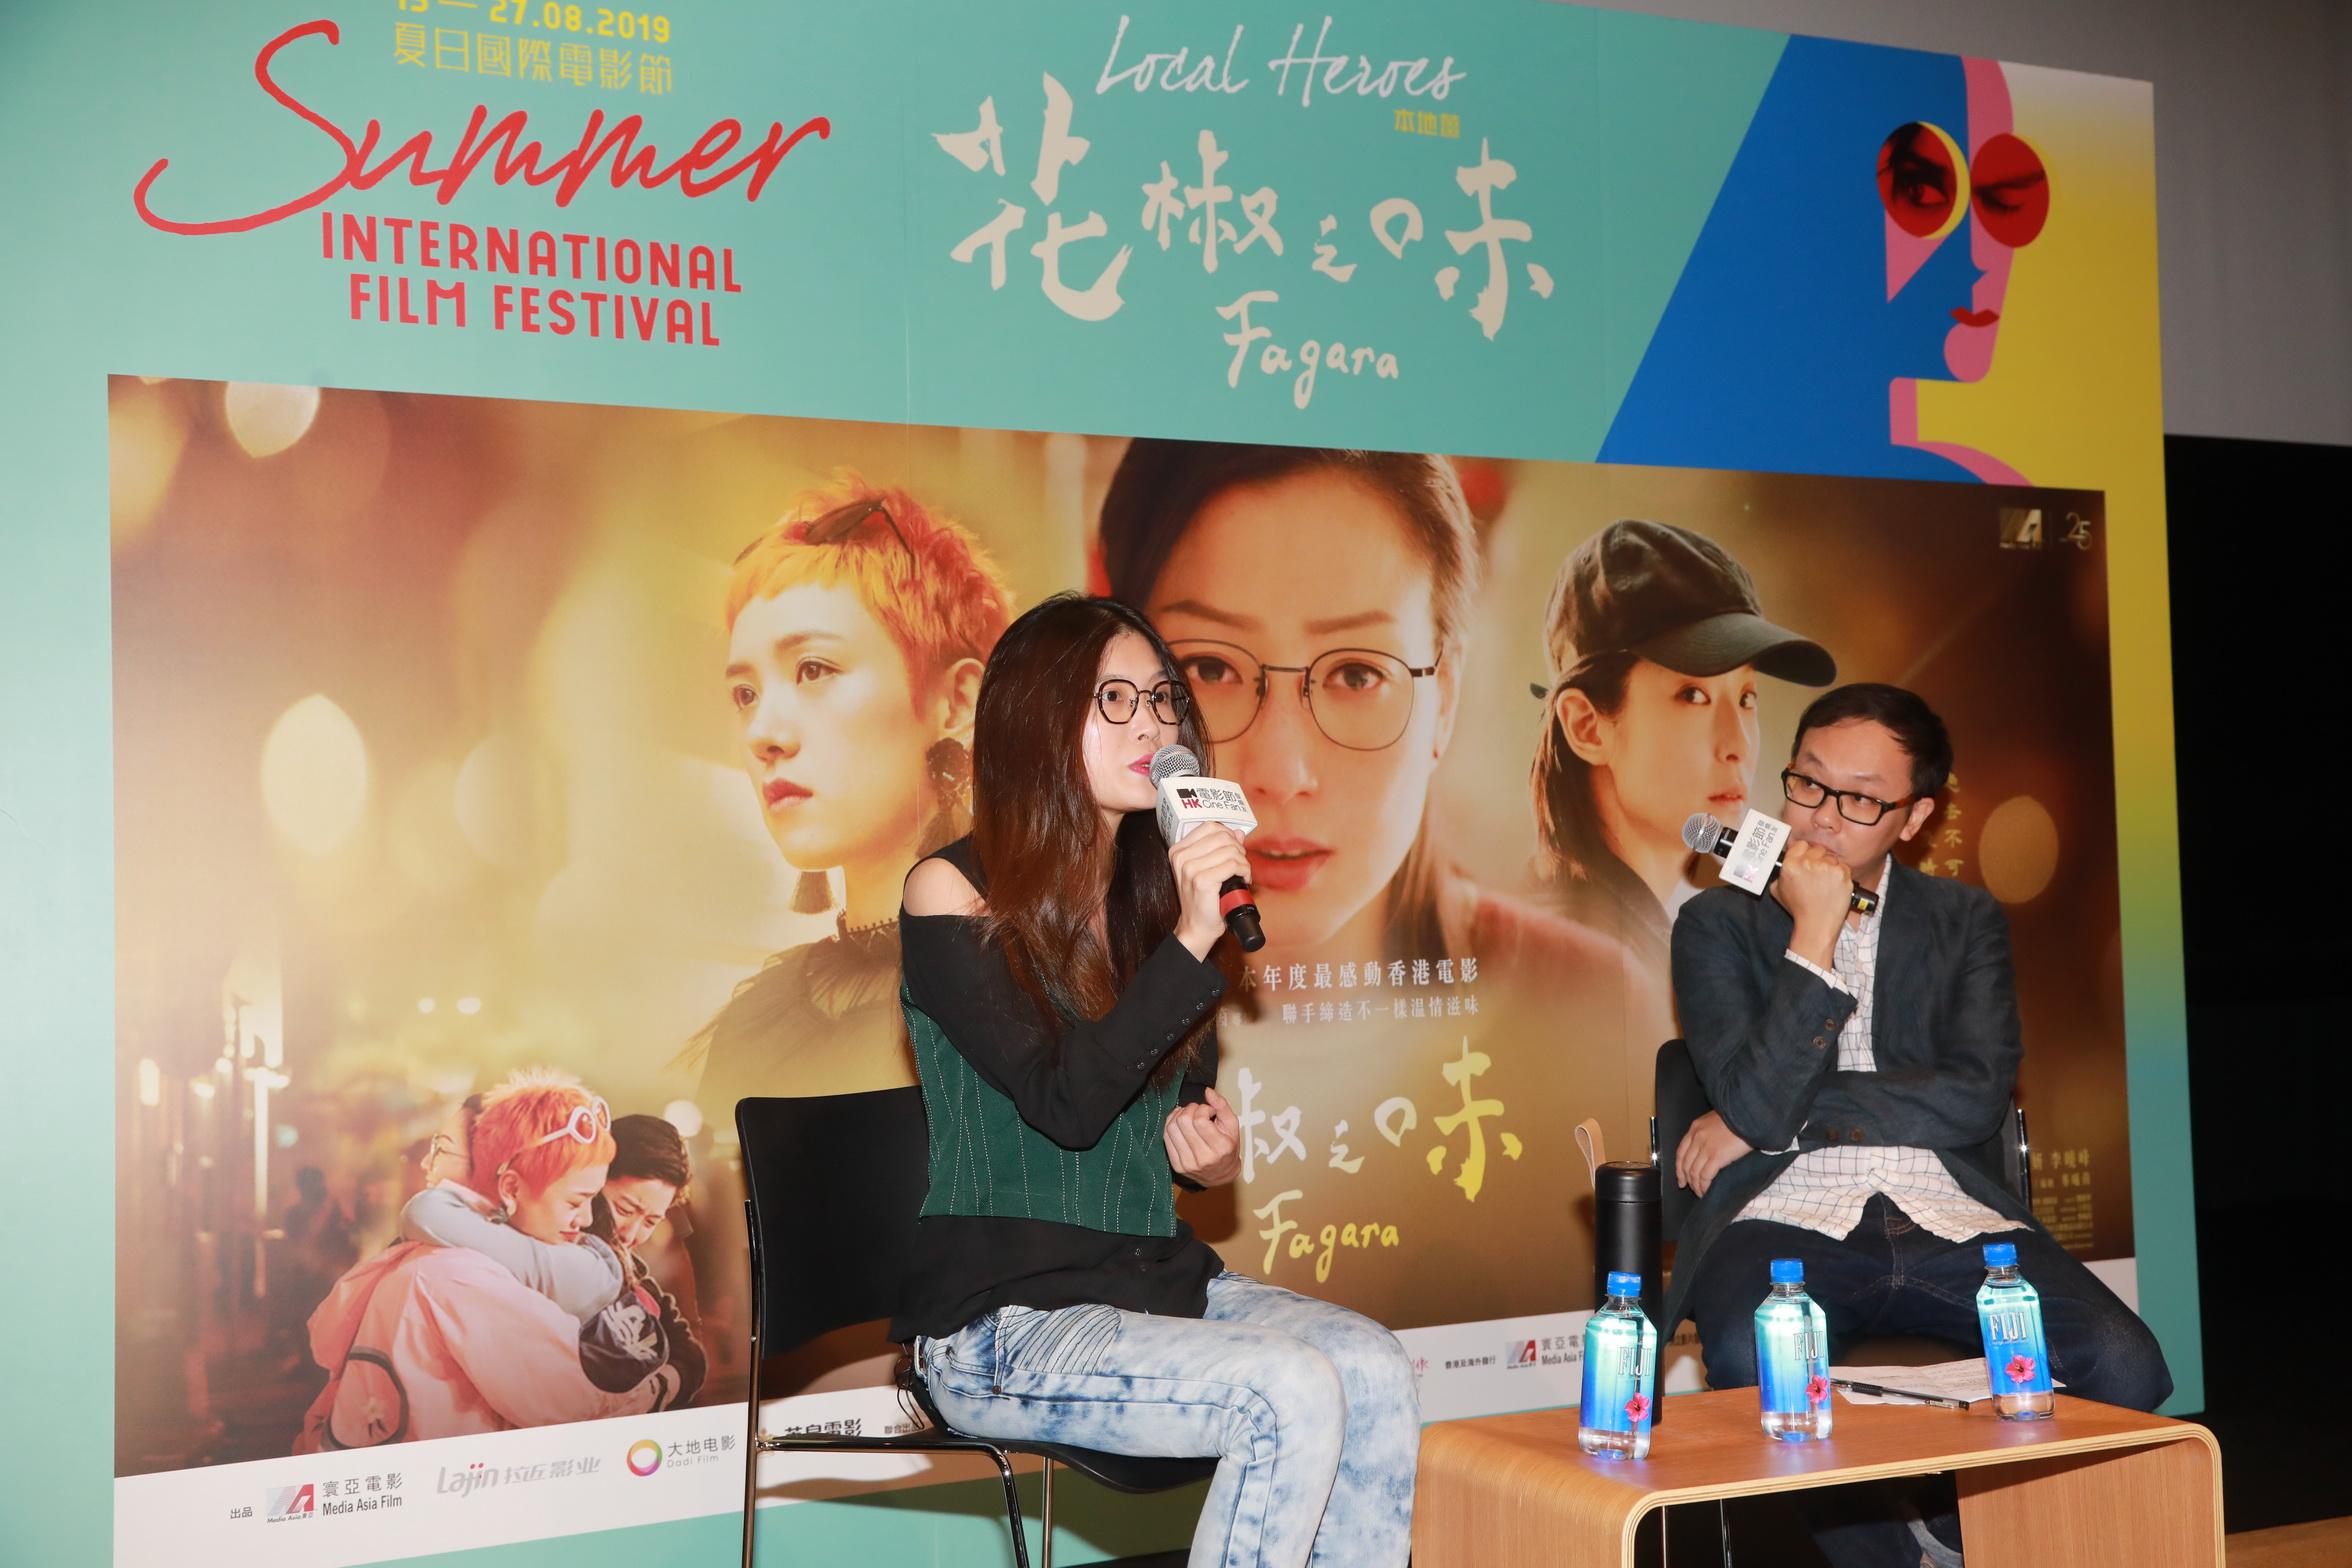 麥曦茵執導的新片《花椒之味》日前在香港國際夏日電影節期間放映。